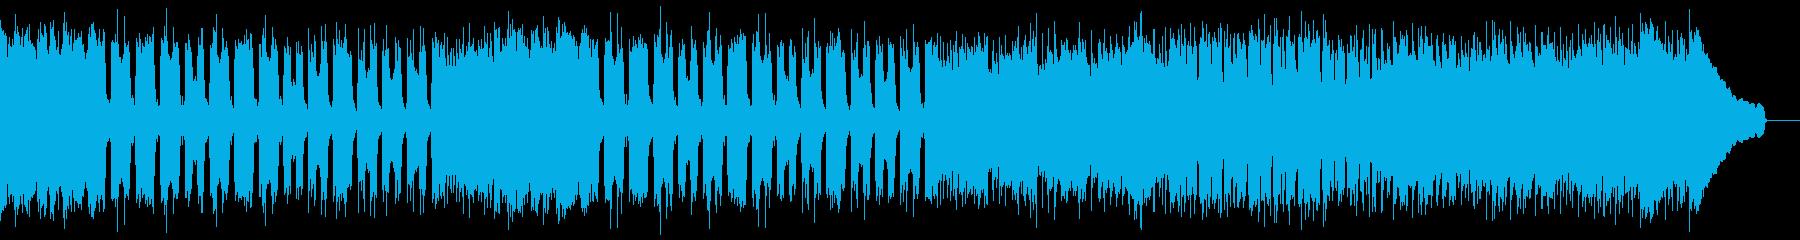 カントリー風ロックギター01Iの再生済みの波形